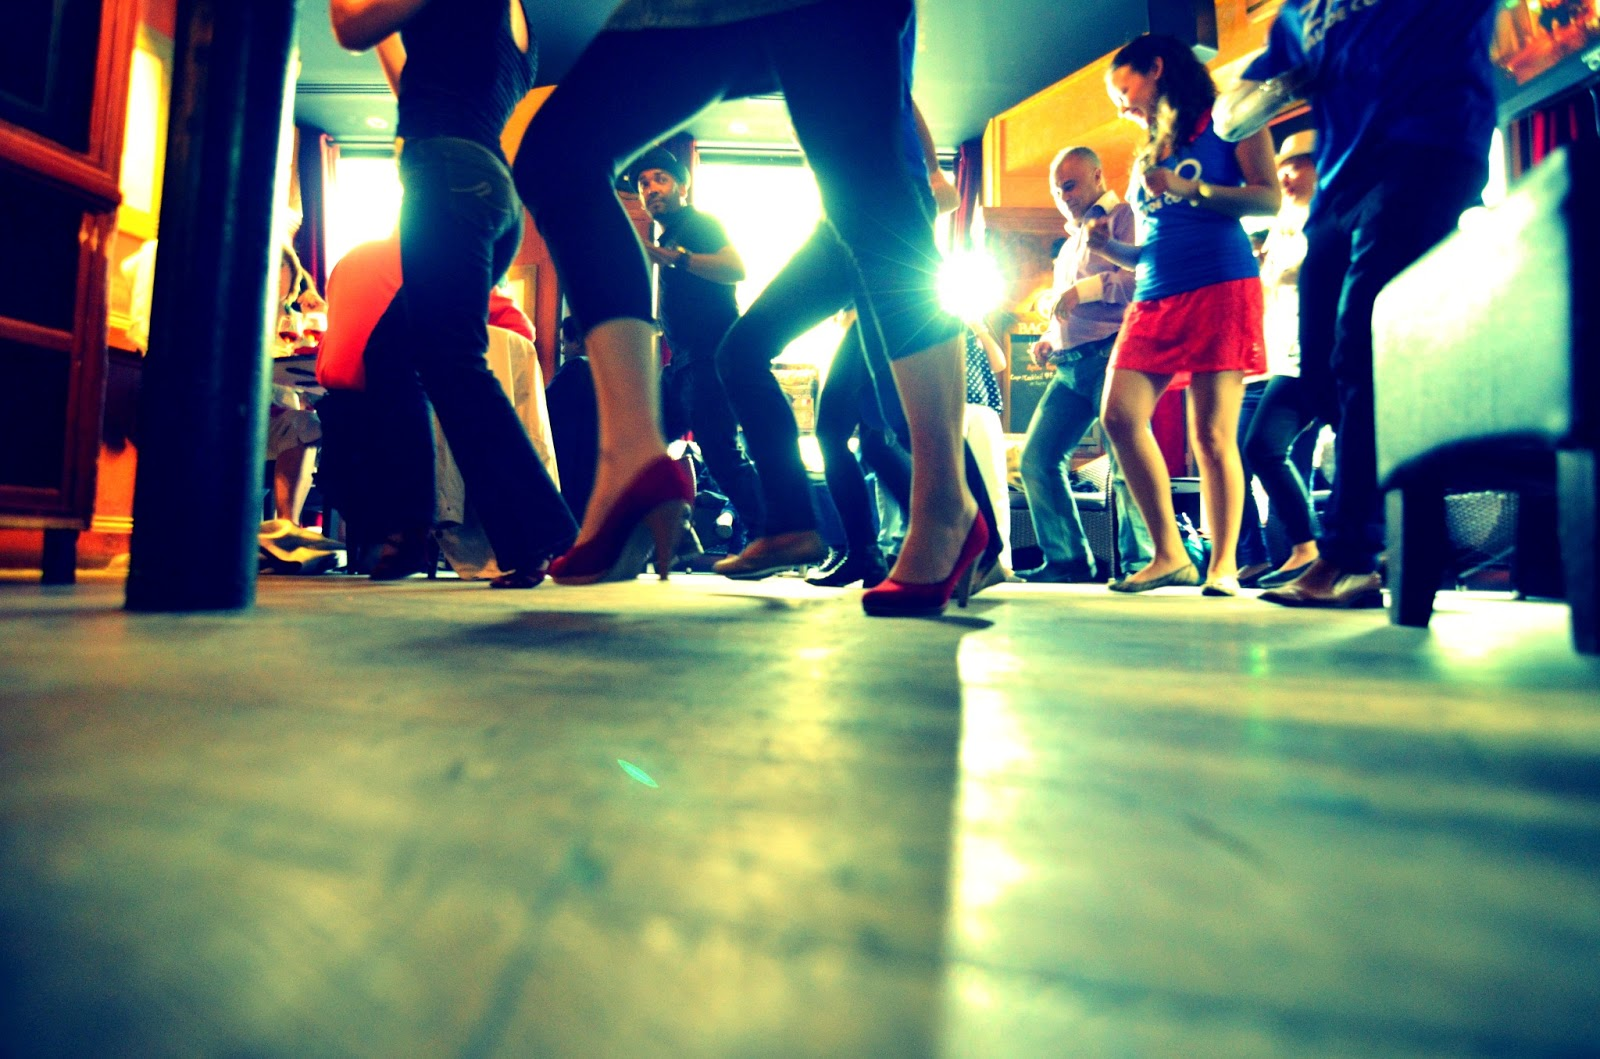 dancing-salsa